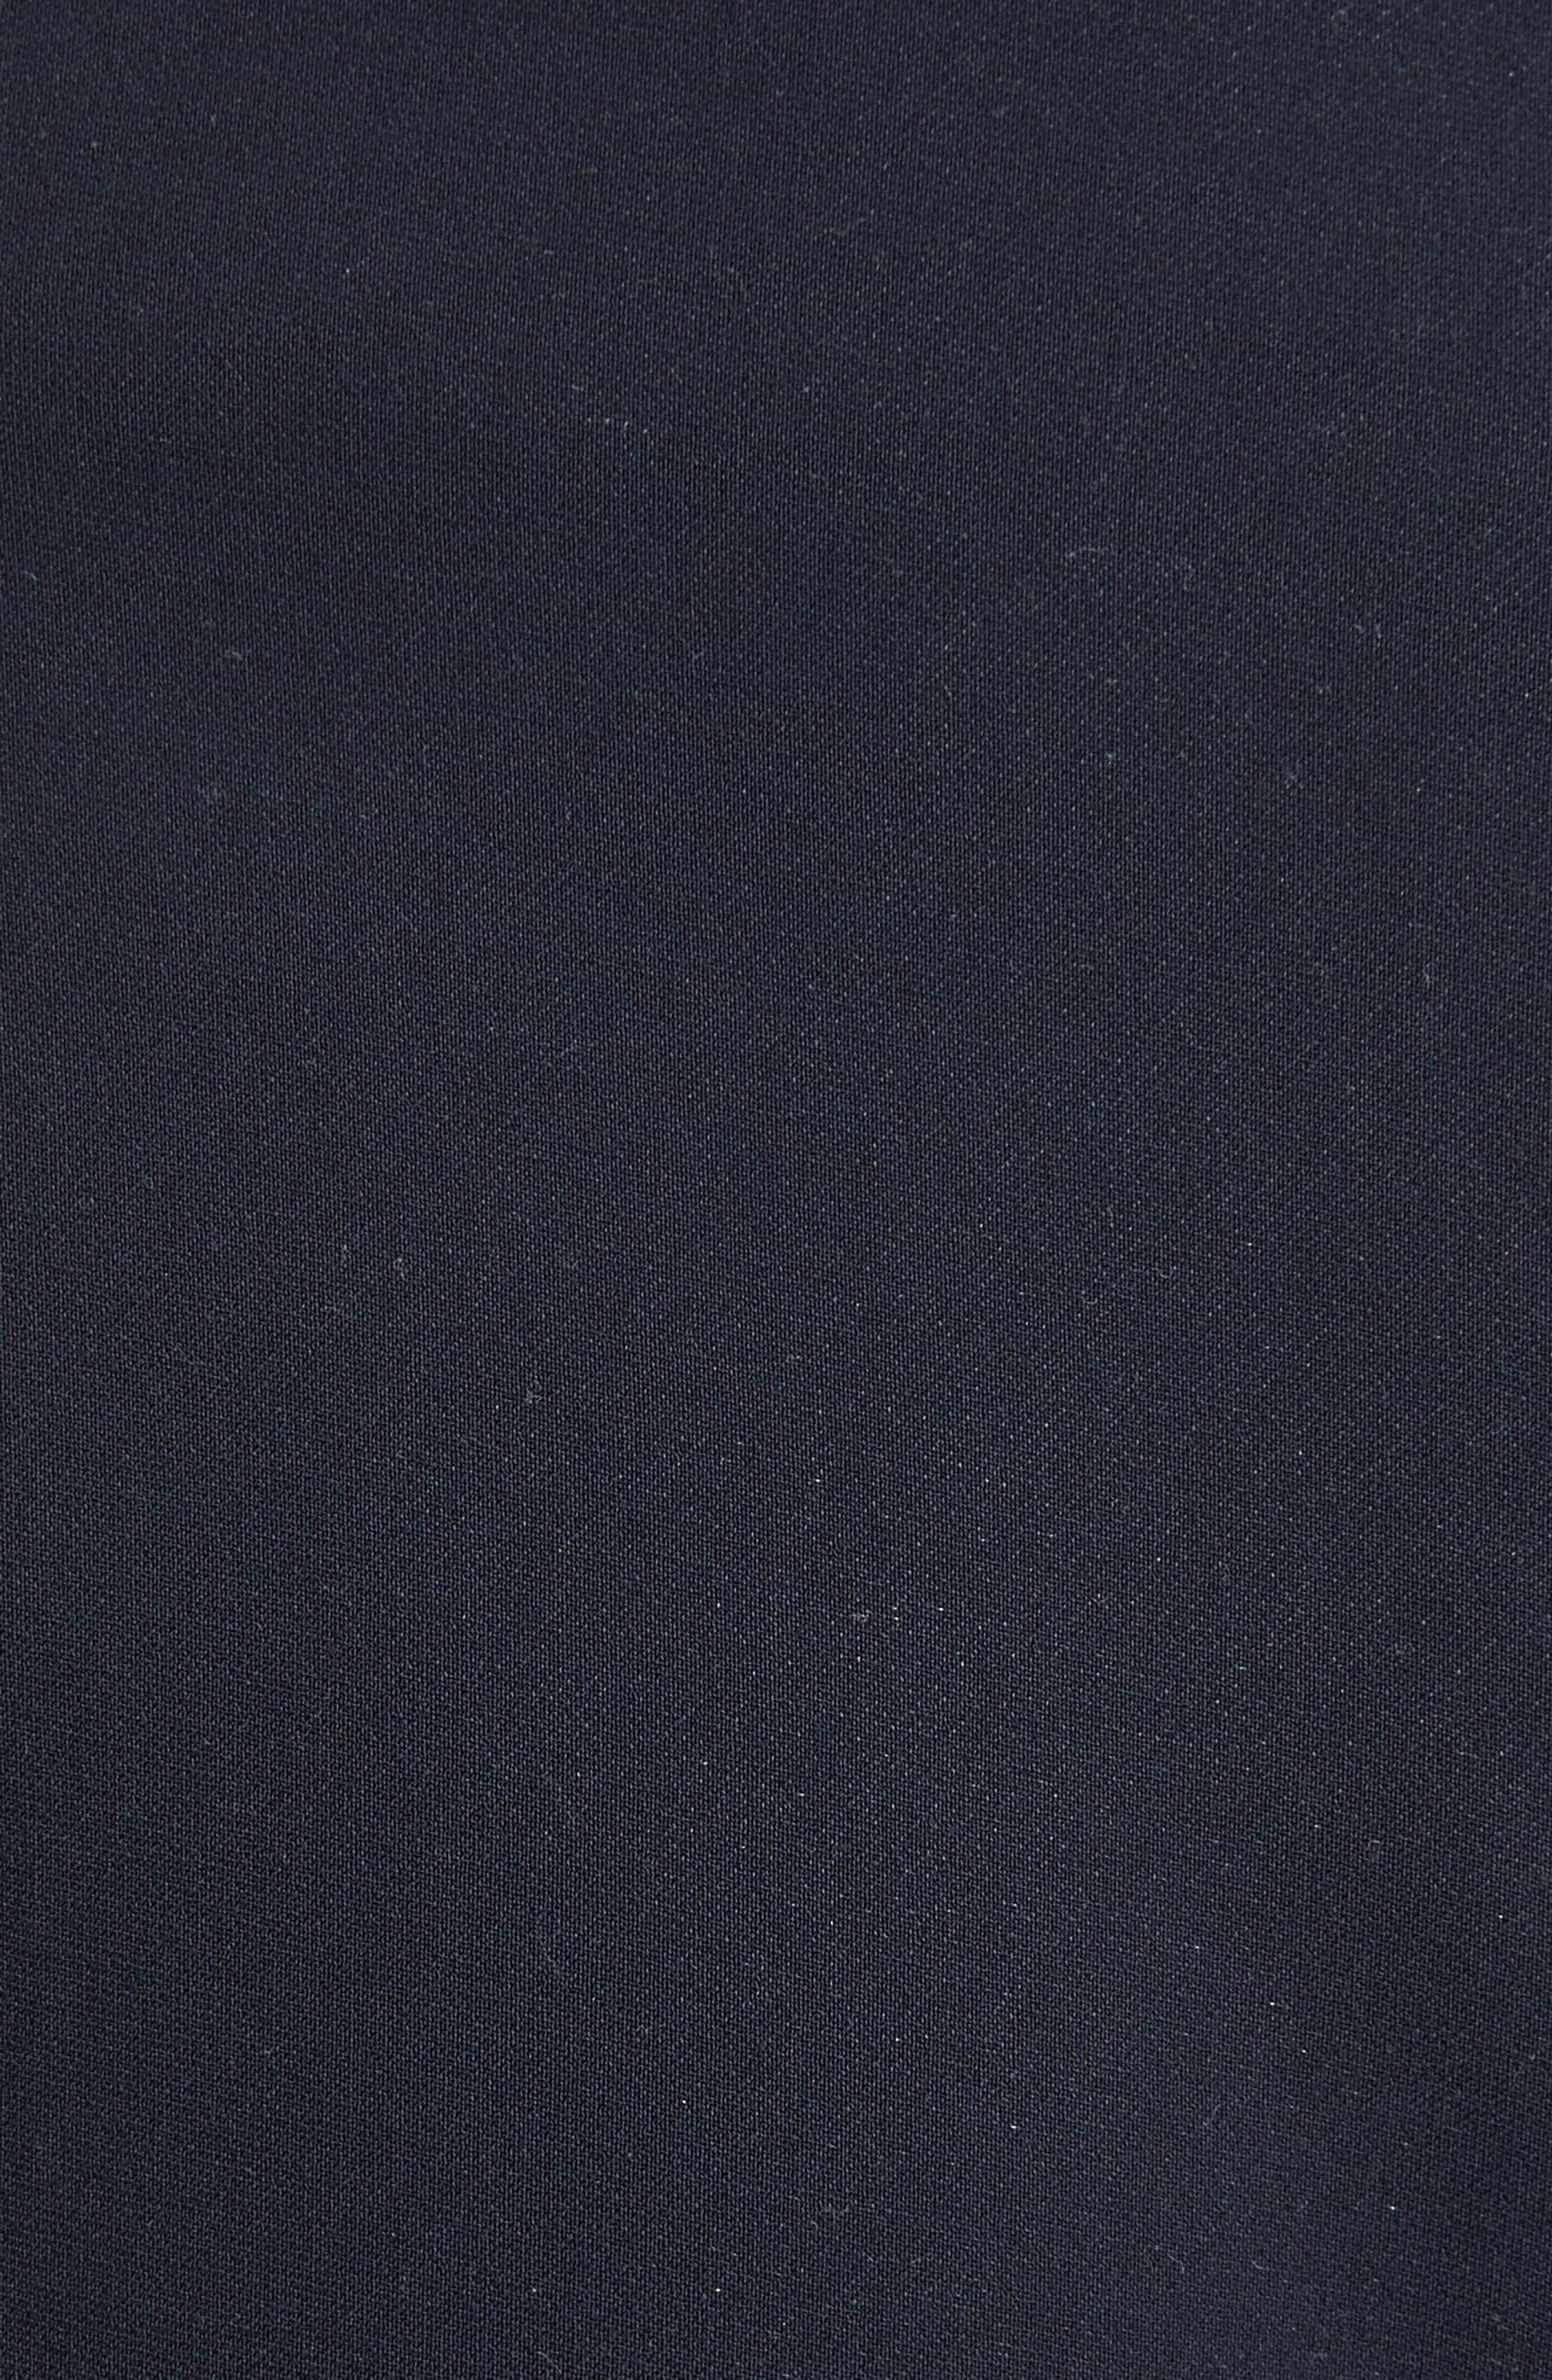 Ruffle Apron Shorts,                             Alternate thumbnail 5, color,